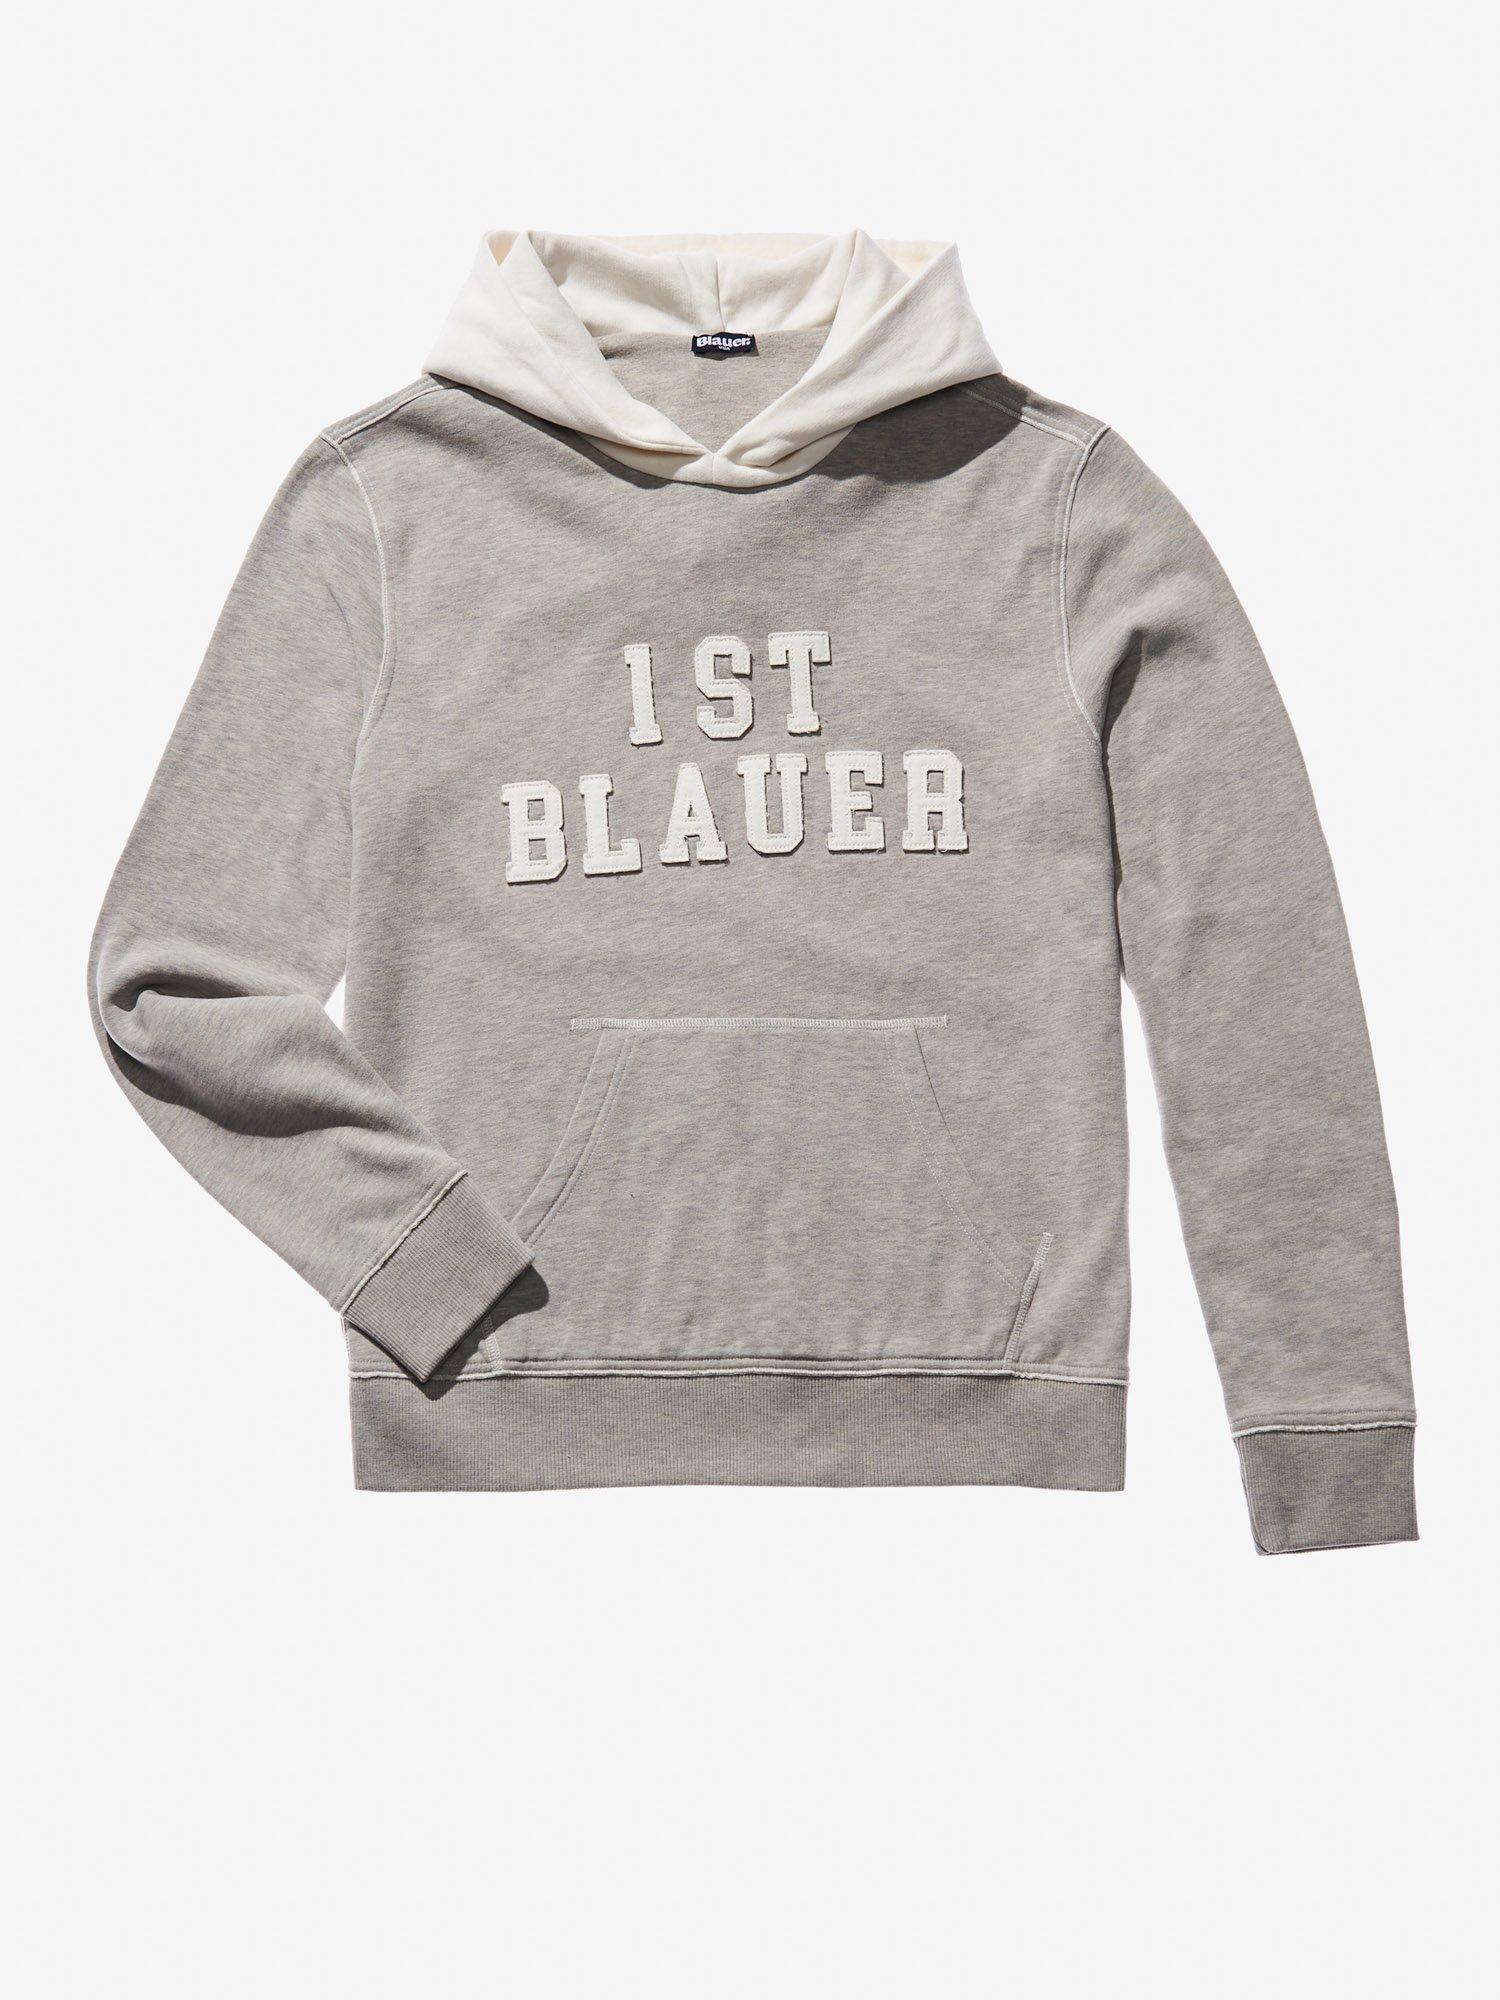 Blauer - SUDADERA CUELLO REDONDO CON BOLSILLO CANGURO - Melange Off White - Blauer